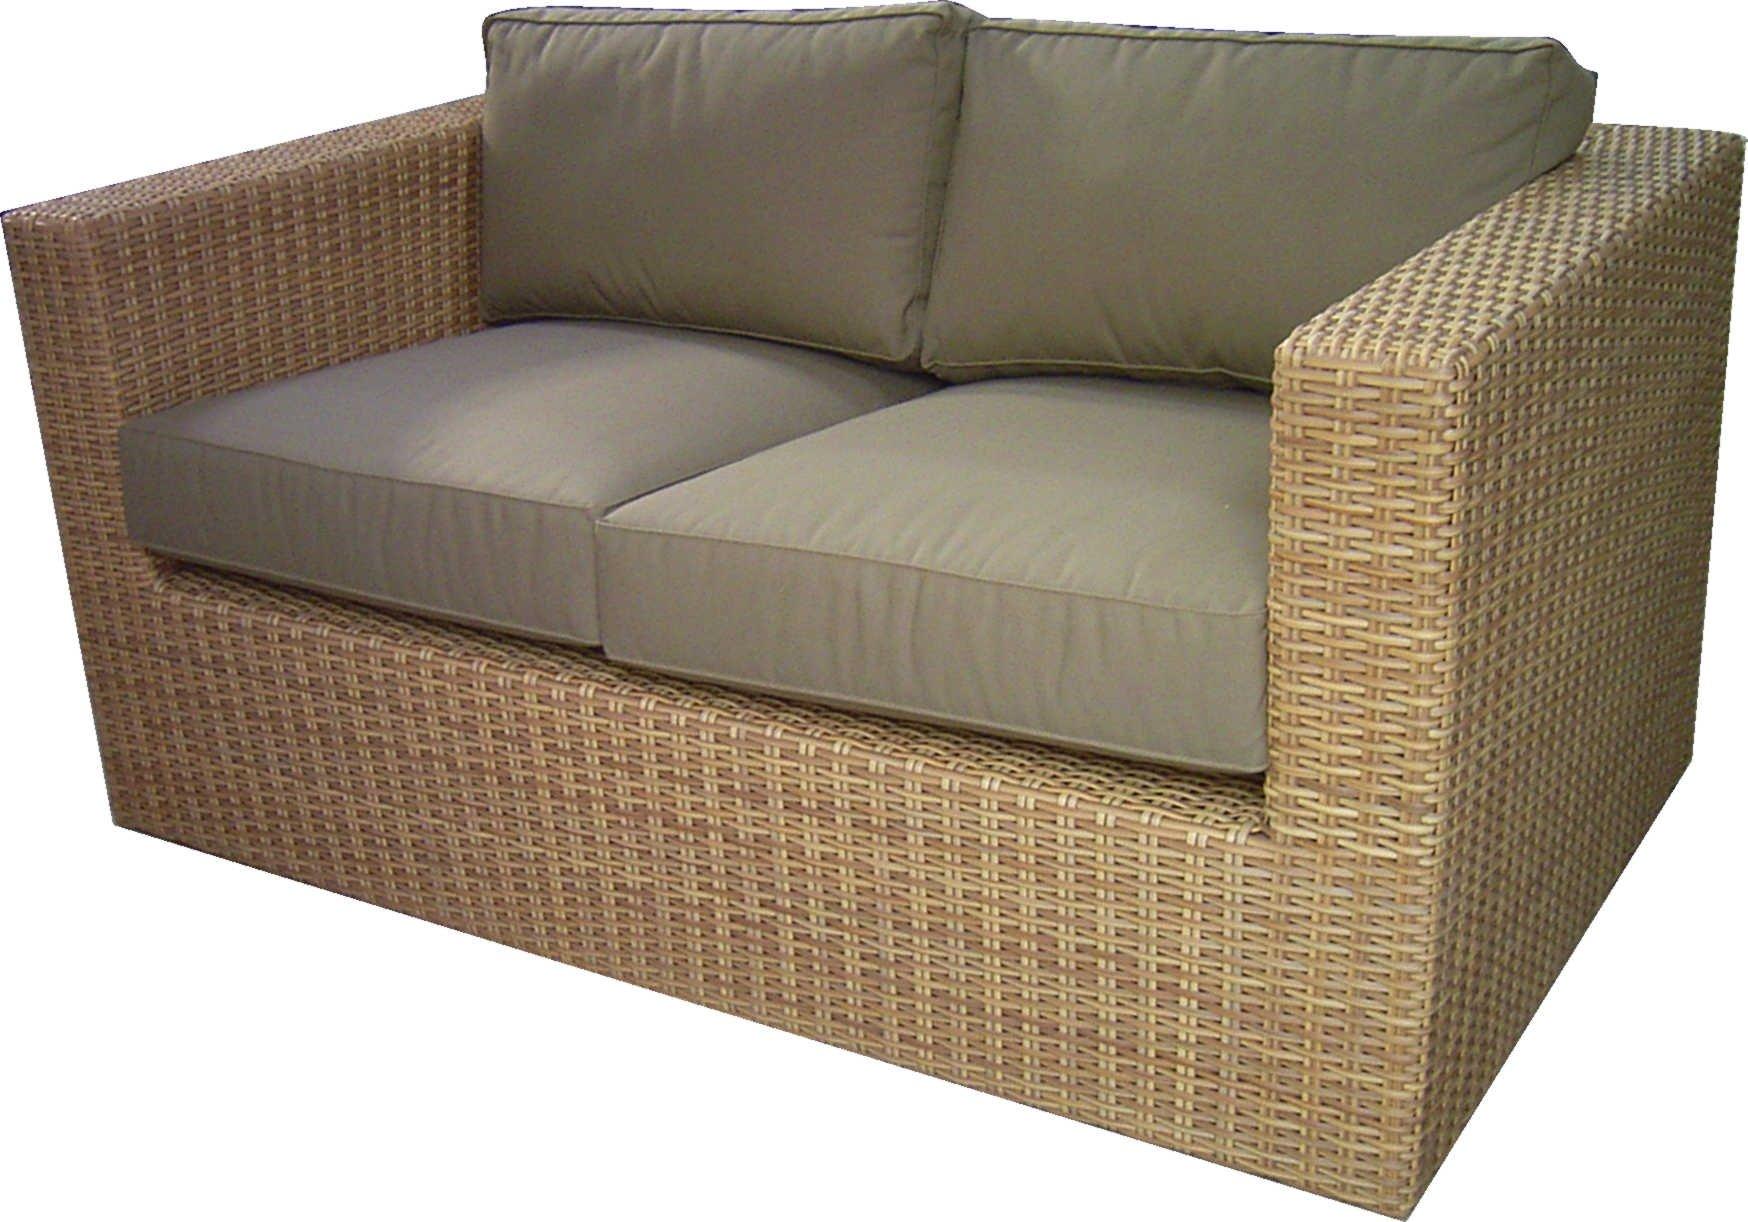 Vimini mobili di plastica altri mobili id prodotto - Sofas de mimbre ...